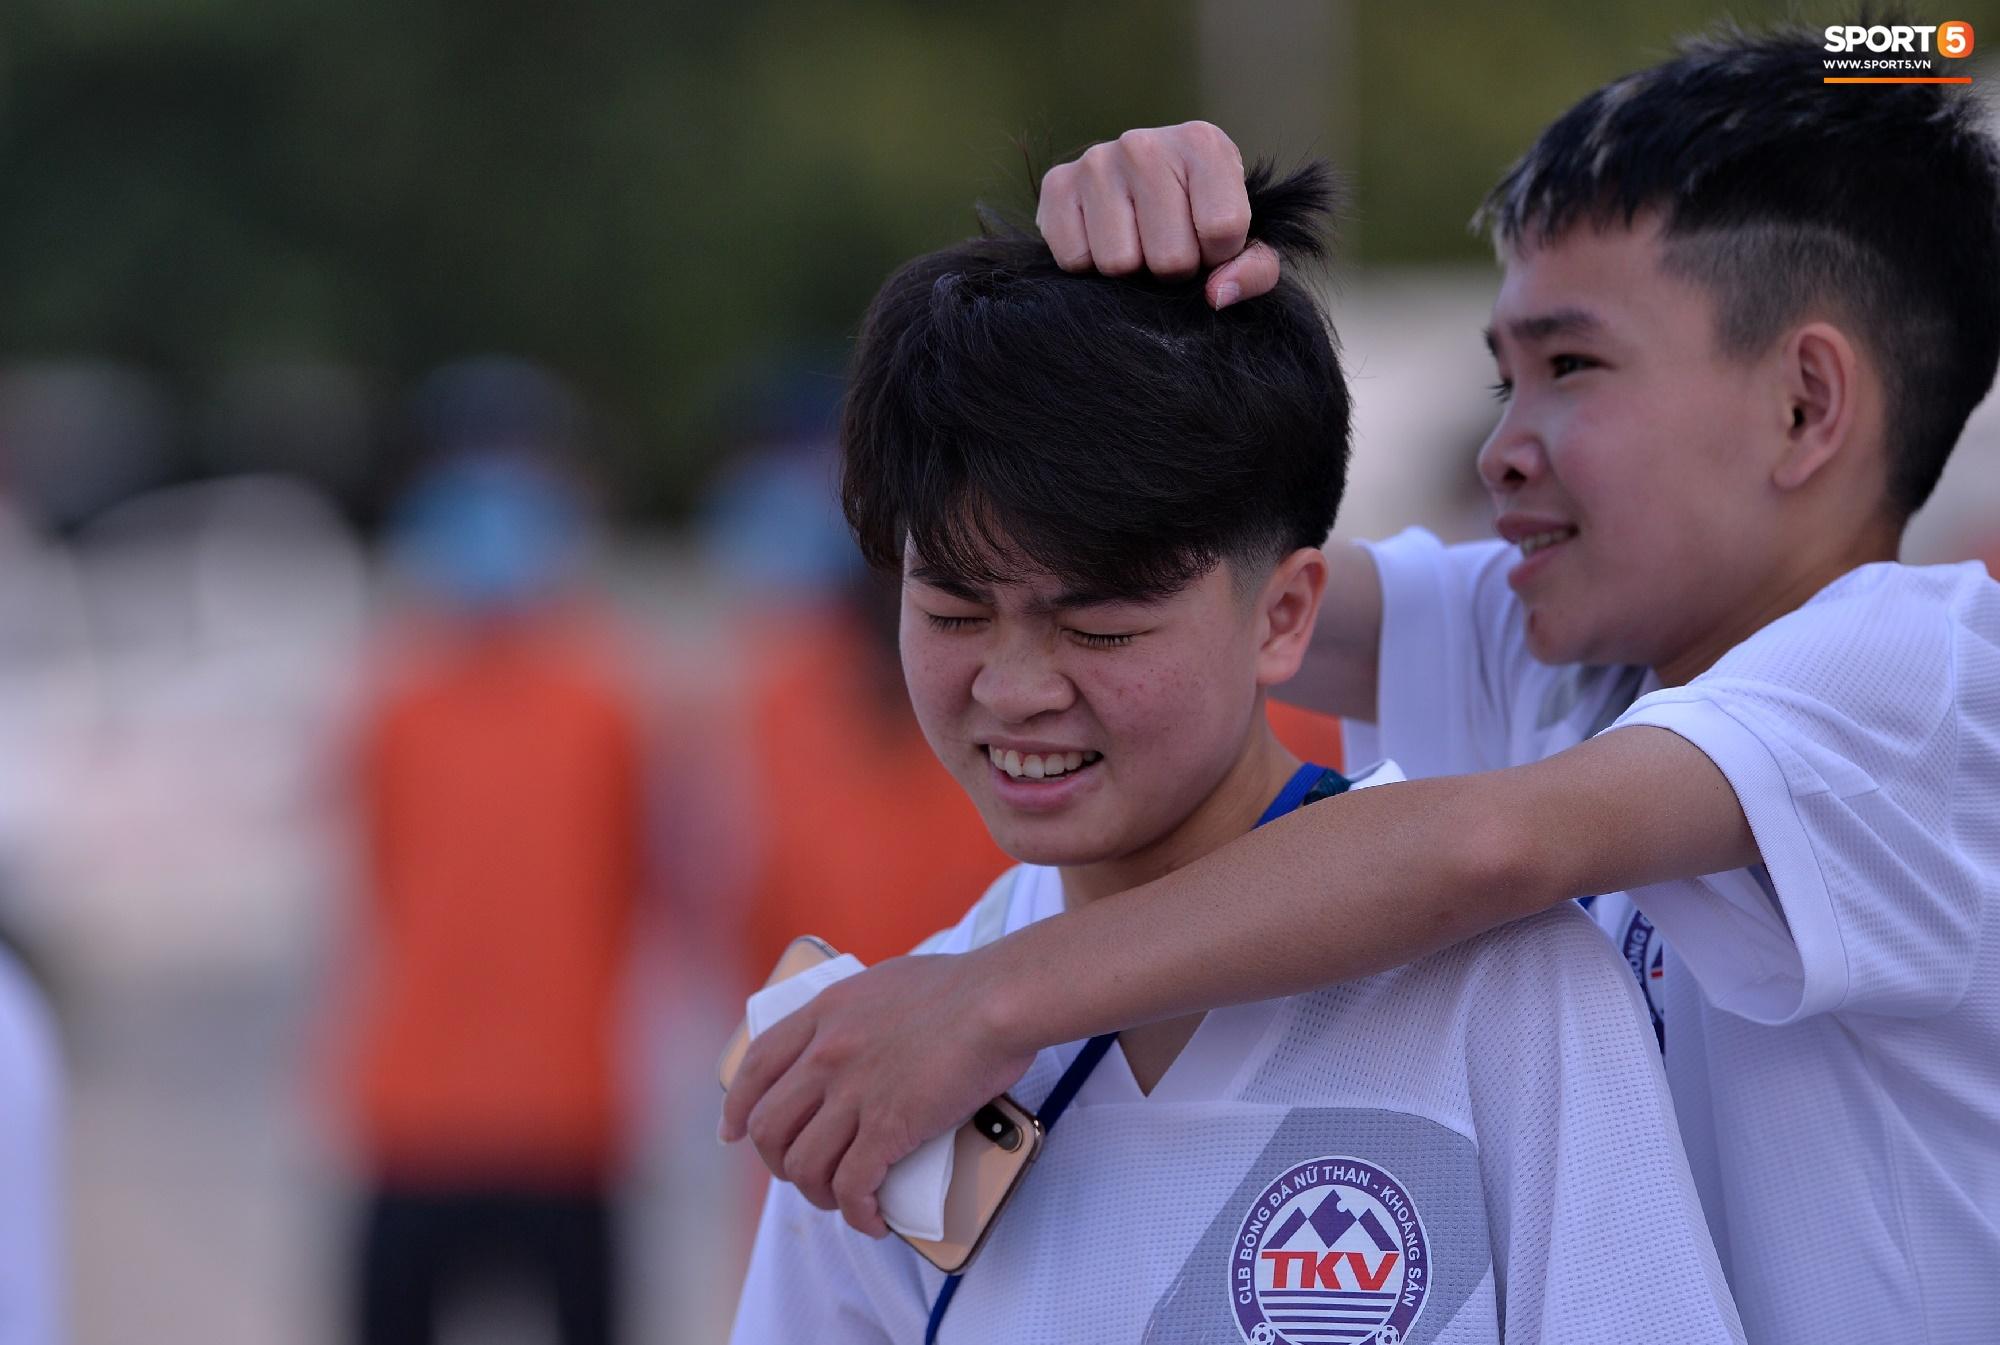 Dàn gái xinh rạng rỡ, đáng yêu trong ngày bế mạc giải bóng đá Nữ Vô địch U19 Quốc gia 2021 - ảnh 8